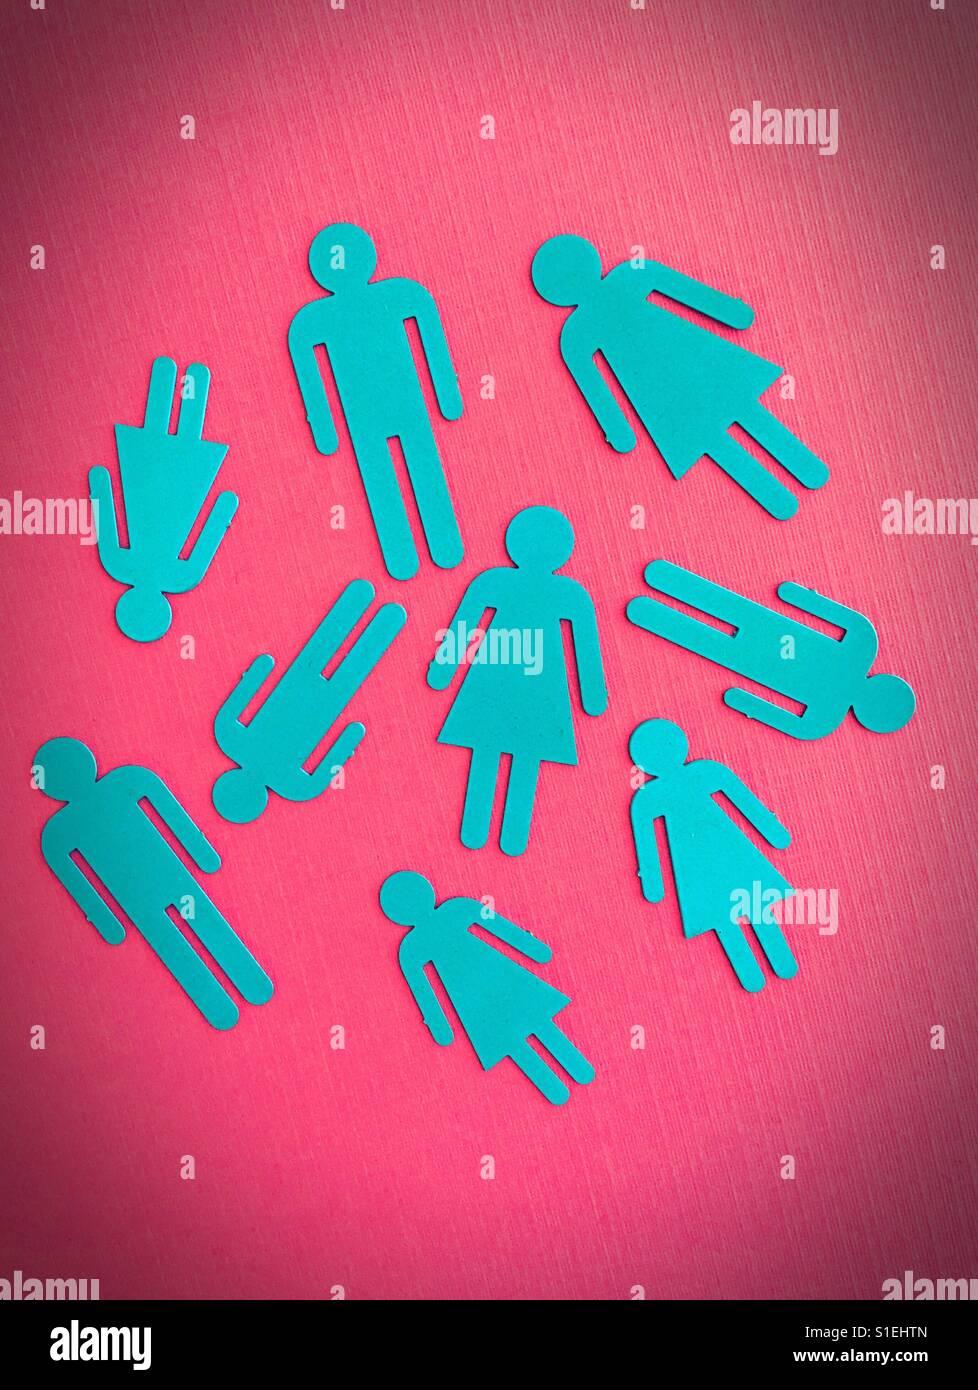 Ausschnitt-Silhouetten von männlichen und weiblichen gestalten. Stockbild